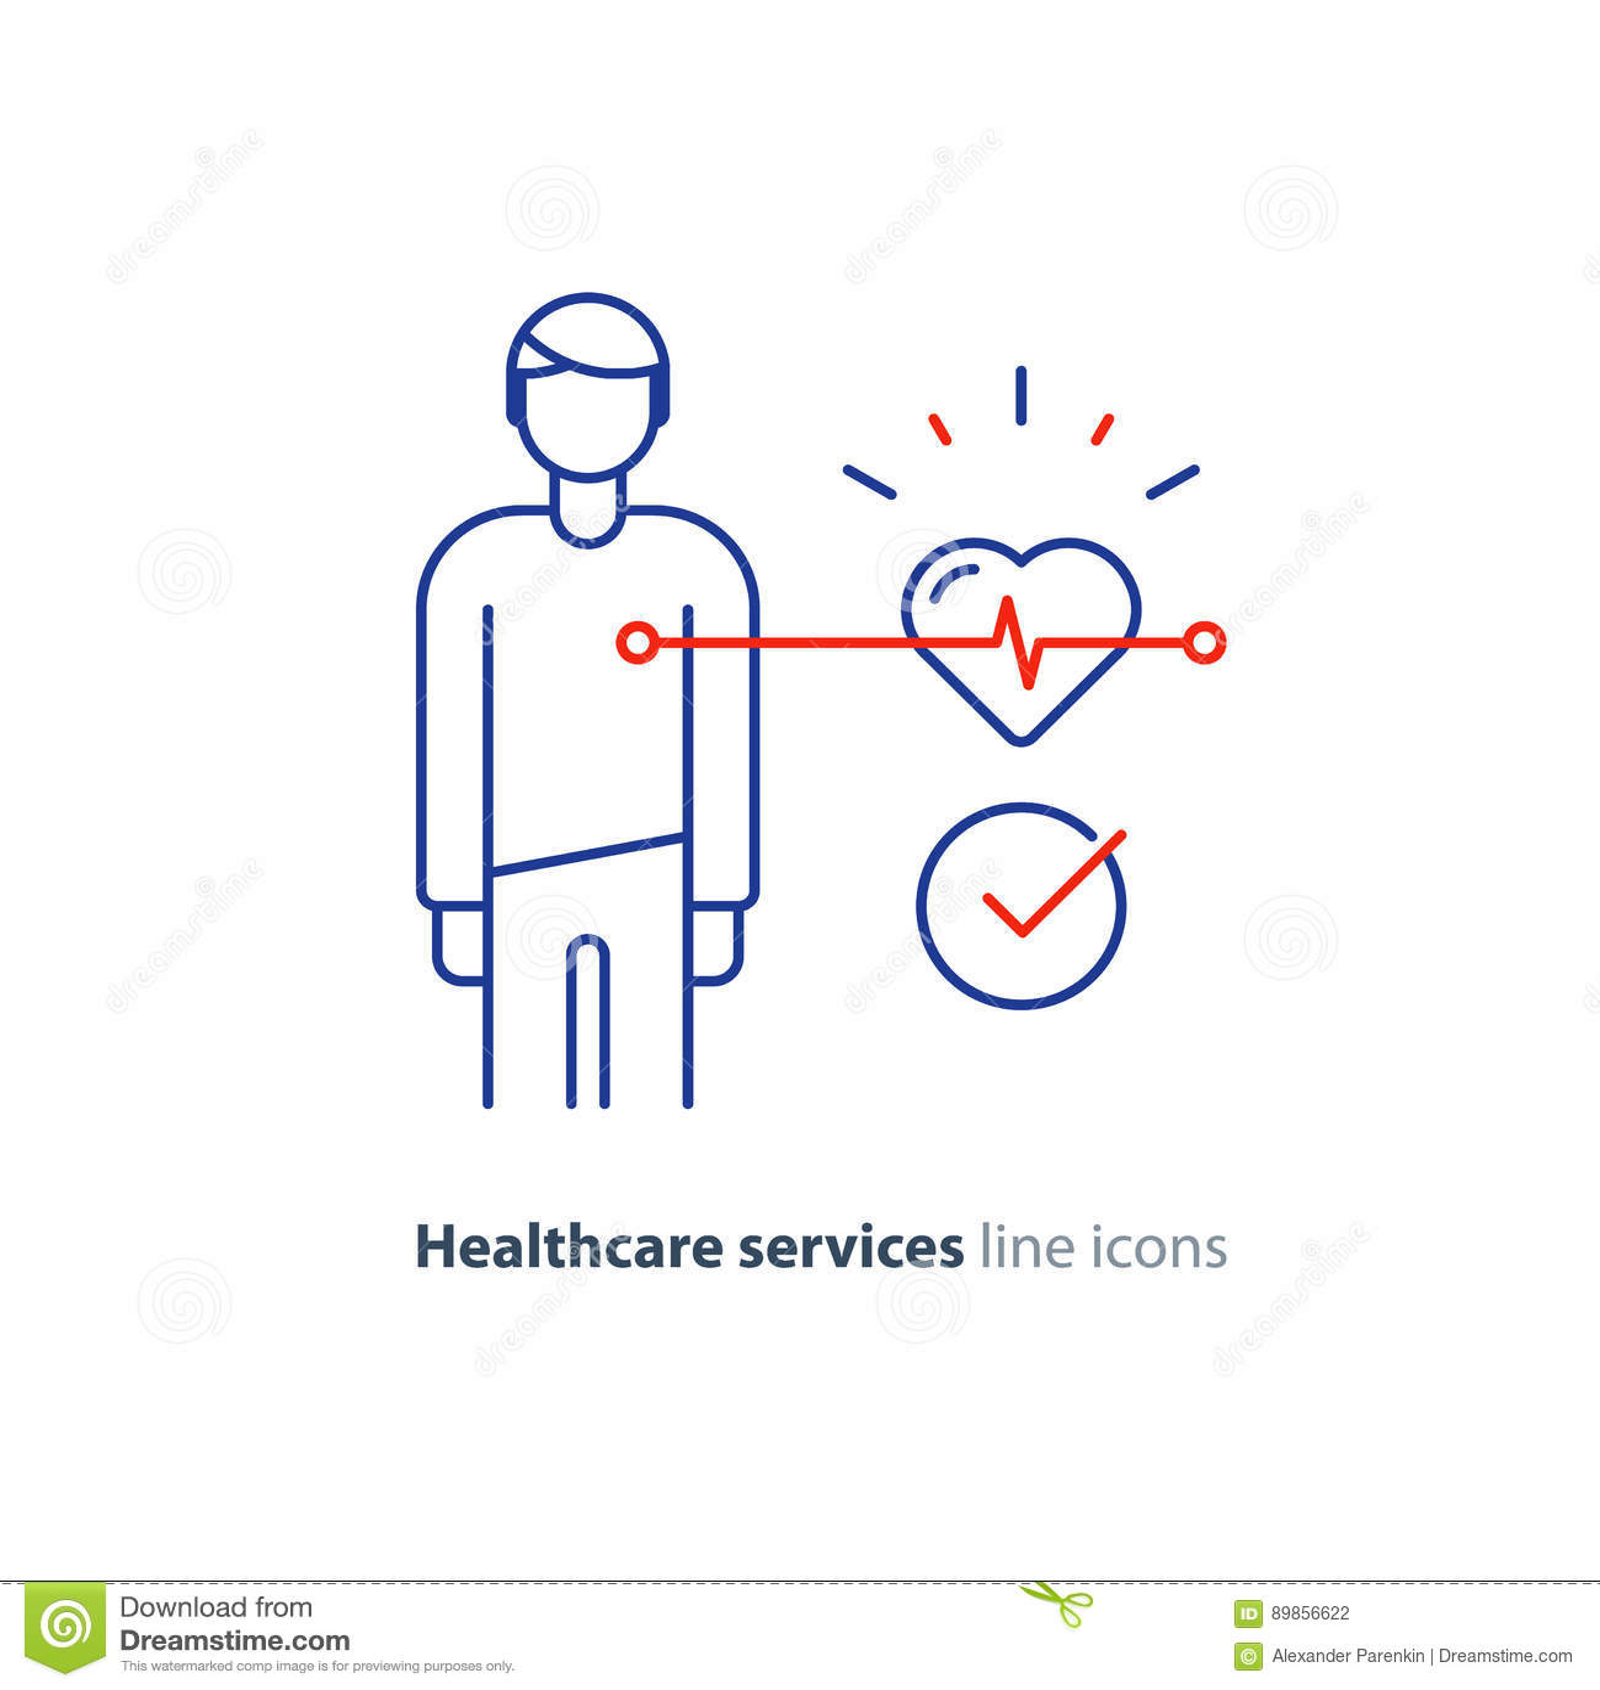 Linha ícone do teste do coração, logotipo do monitor do eletrocardiograma, exame da cardiologia